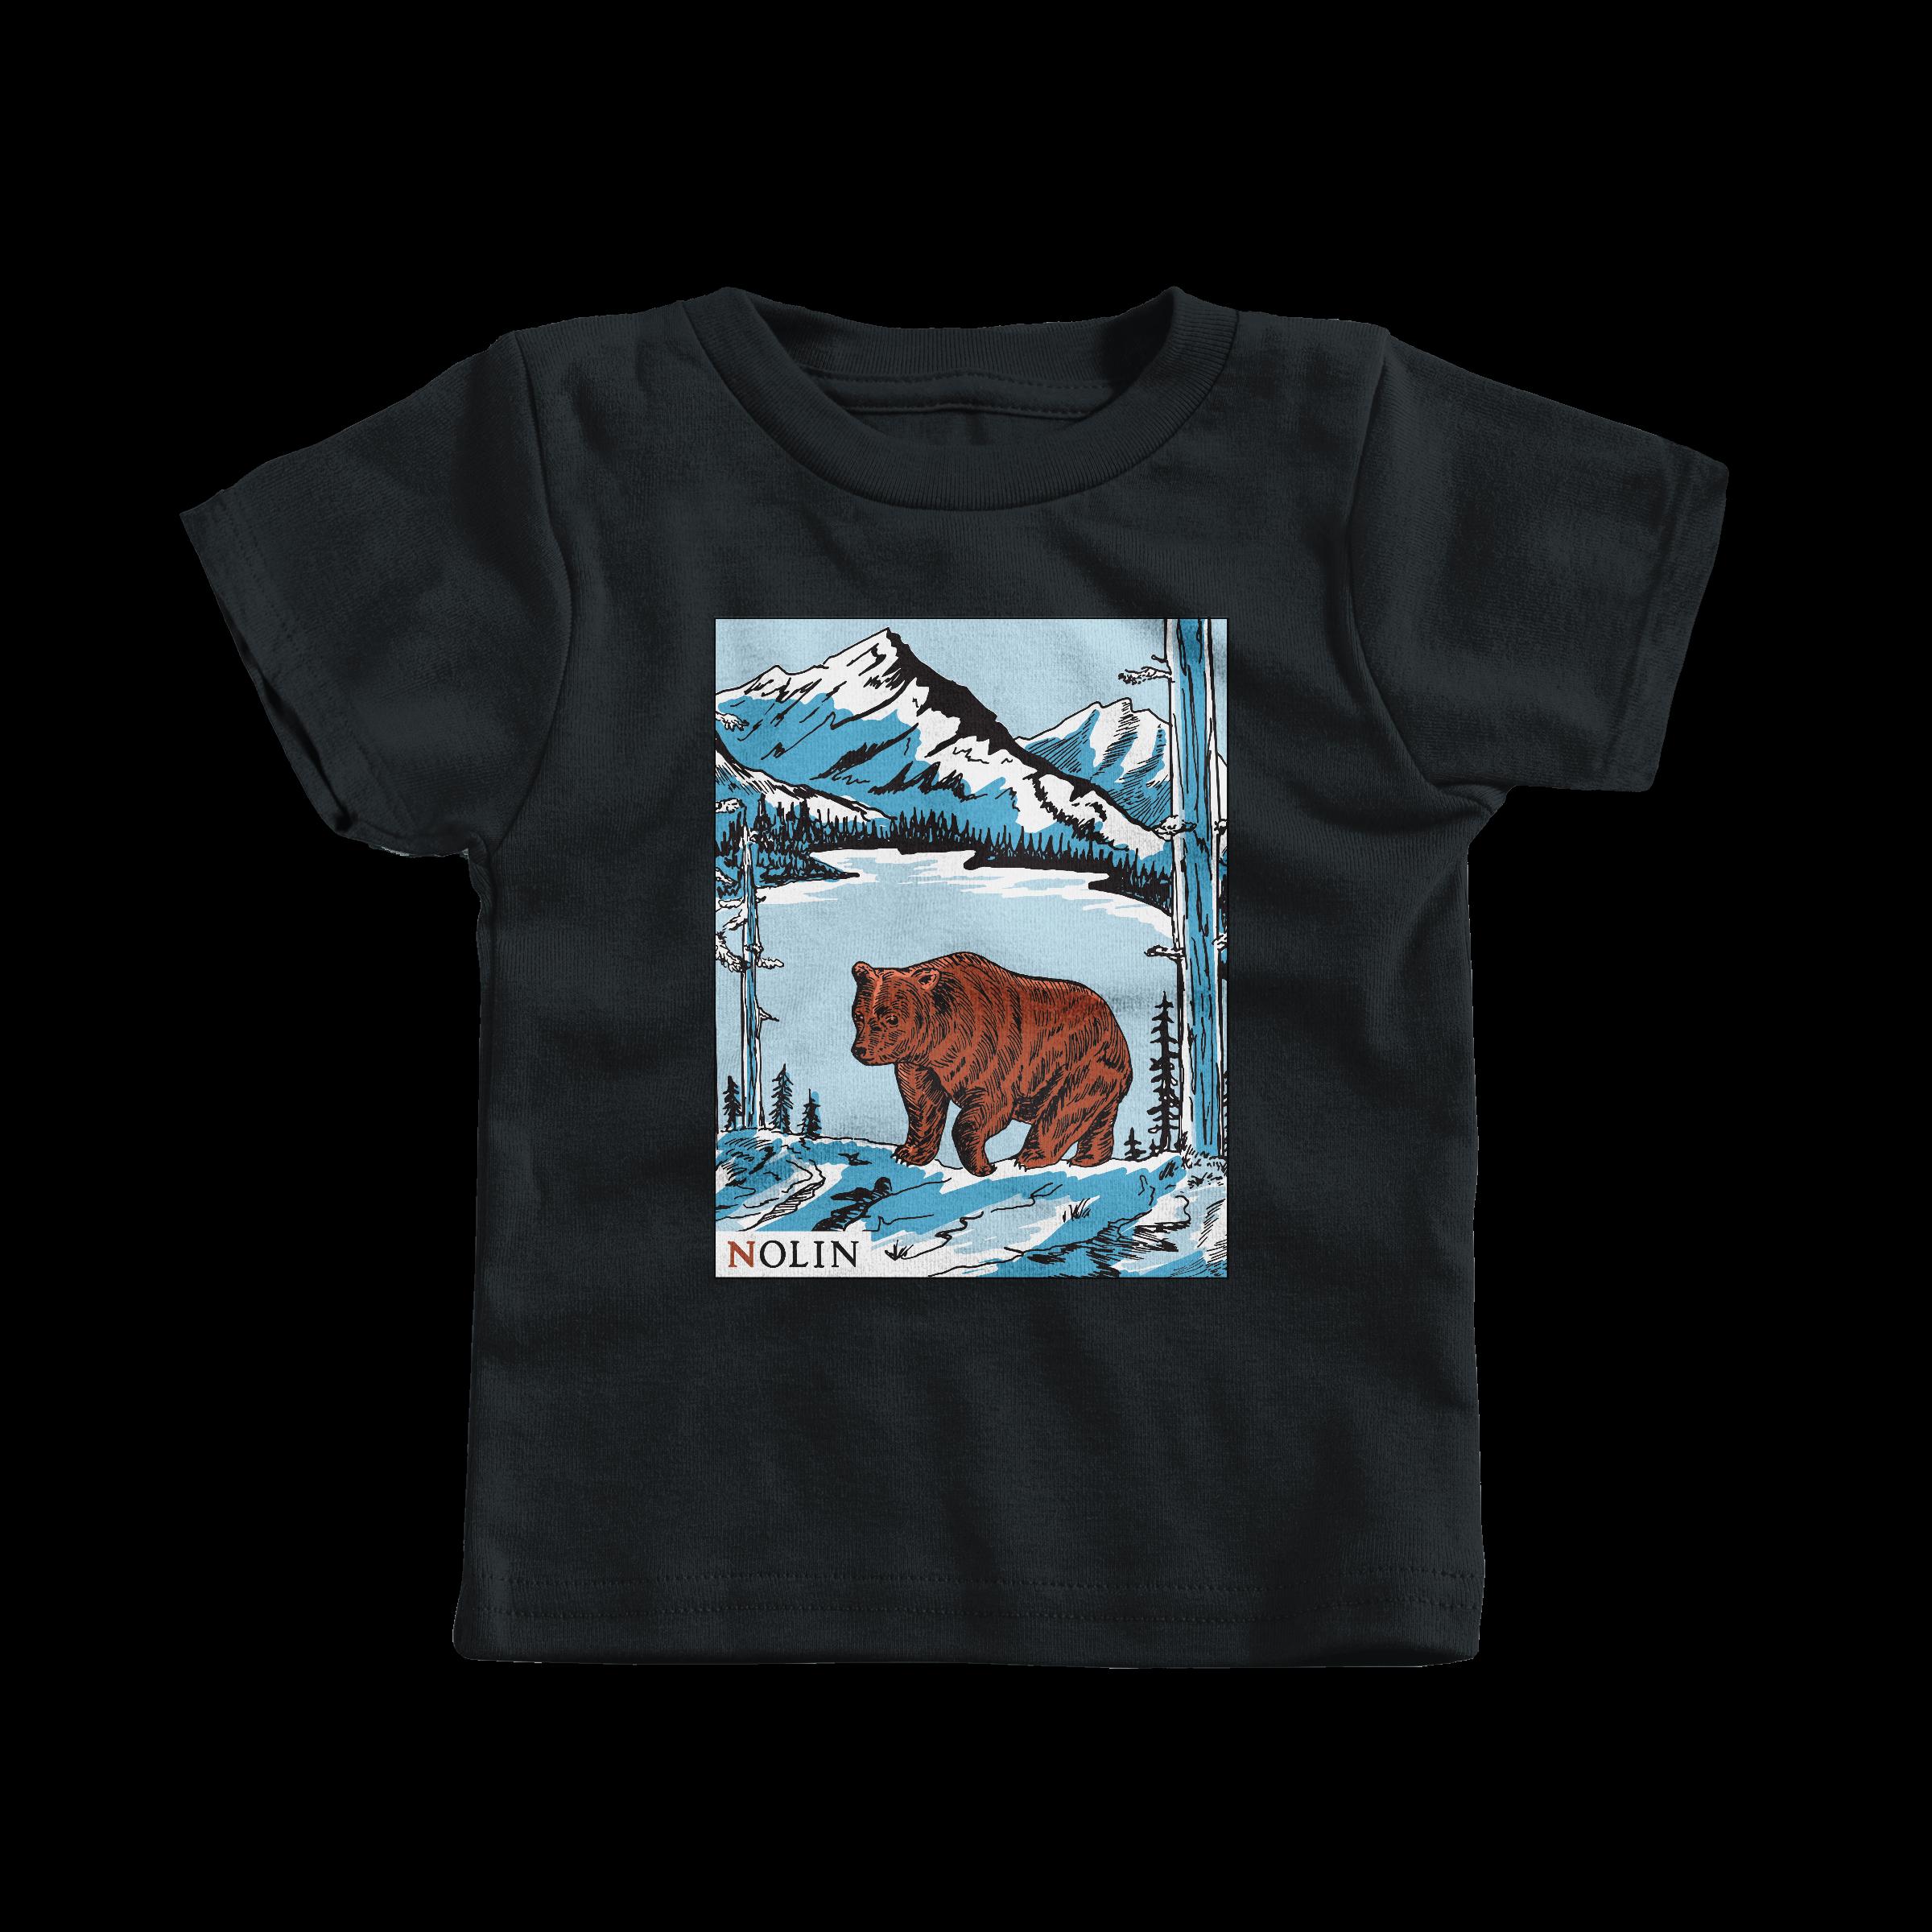 NOLIN BEAR